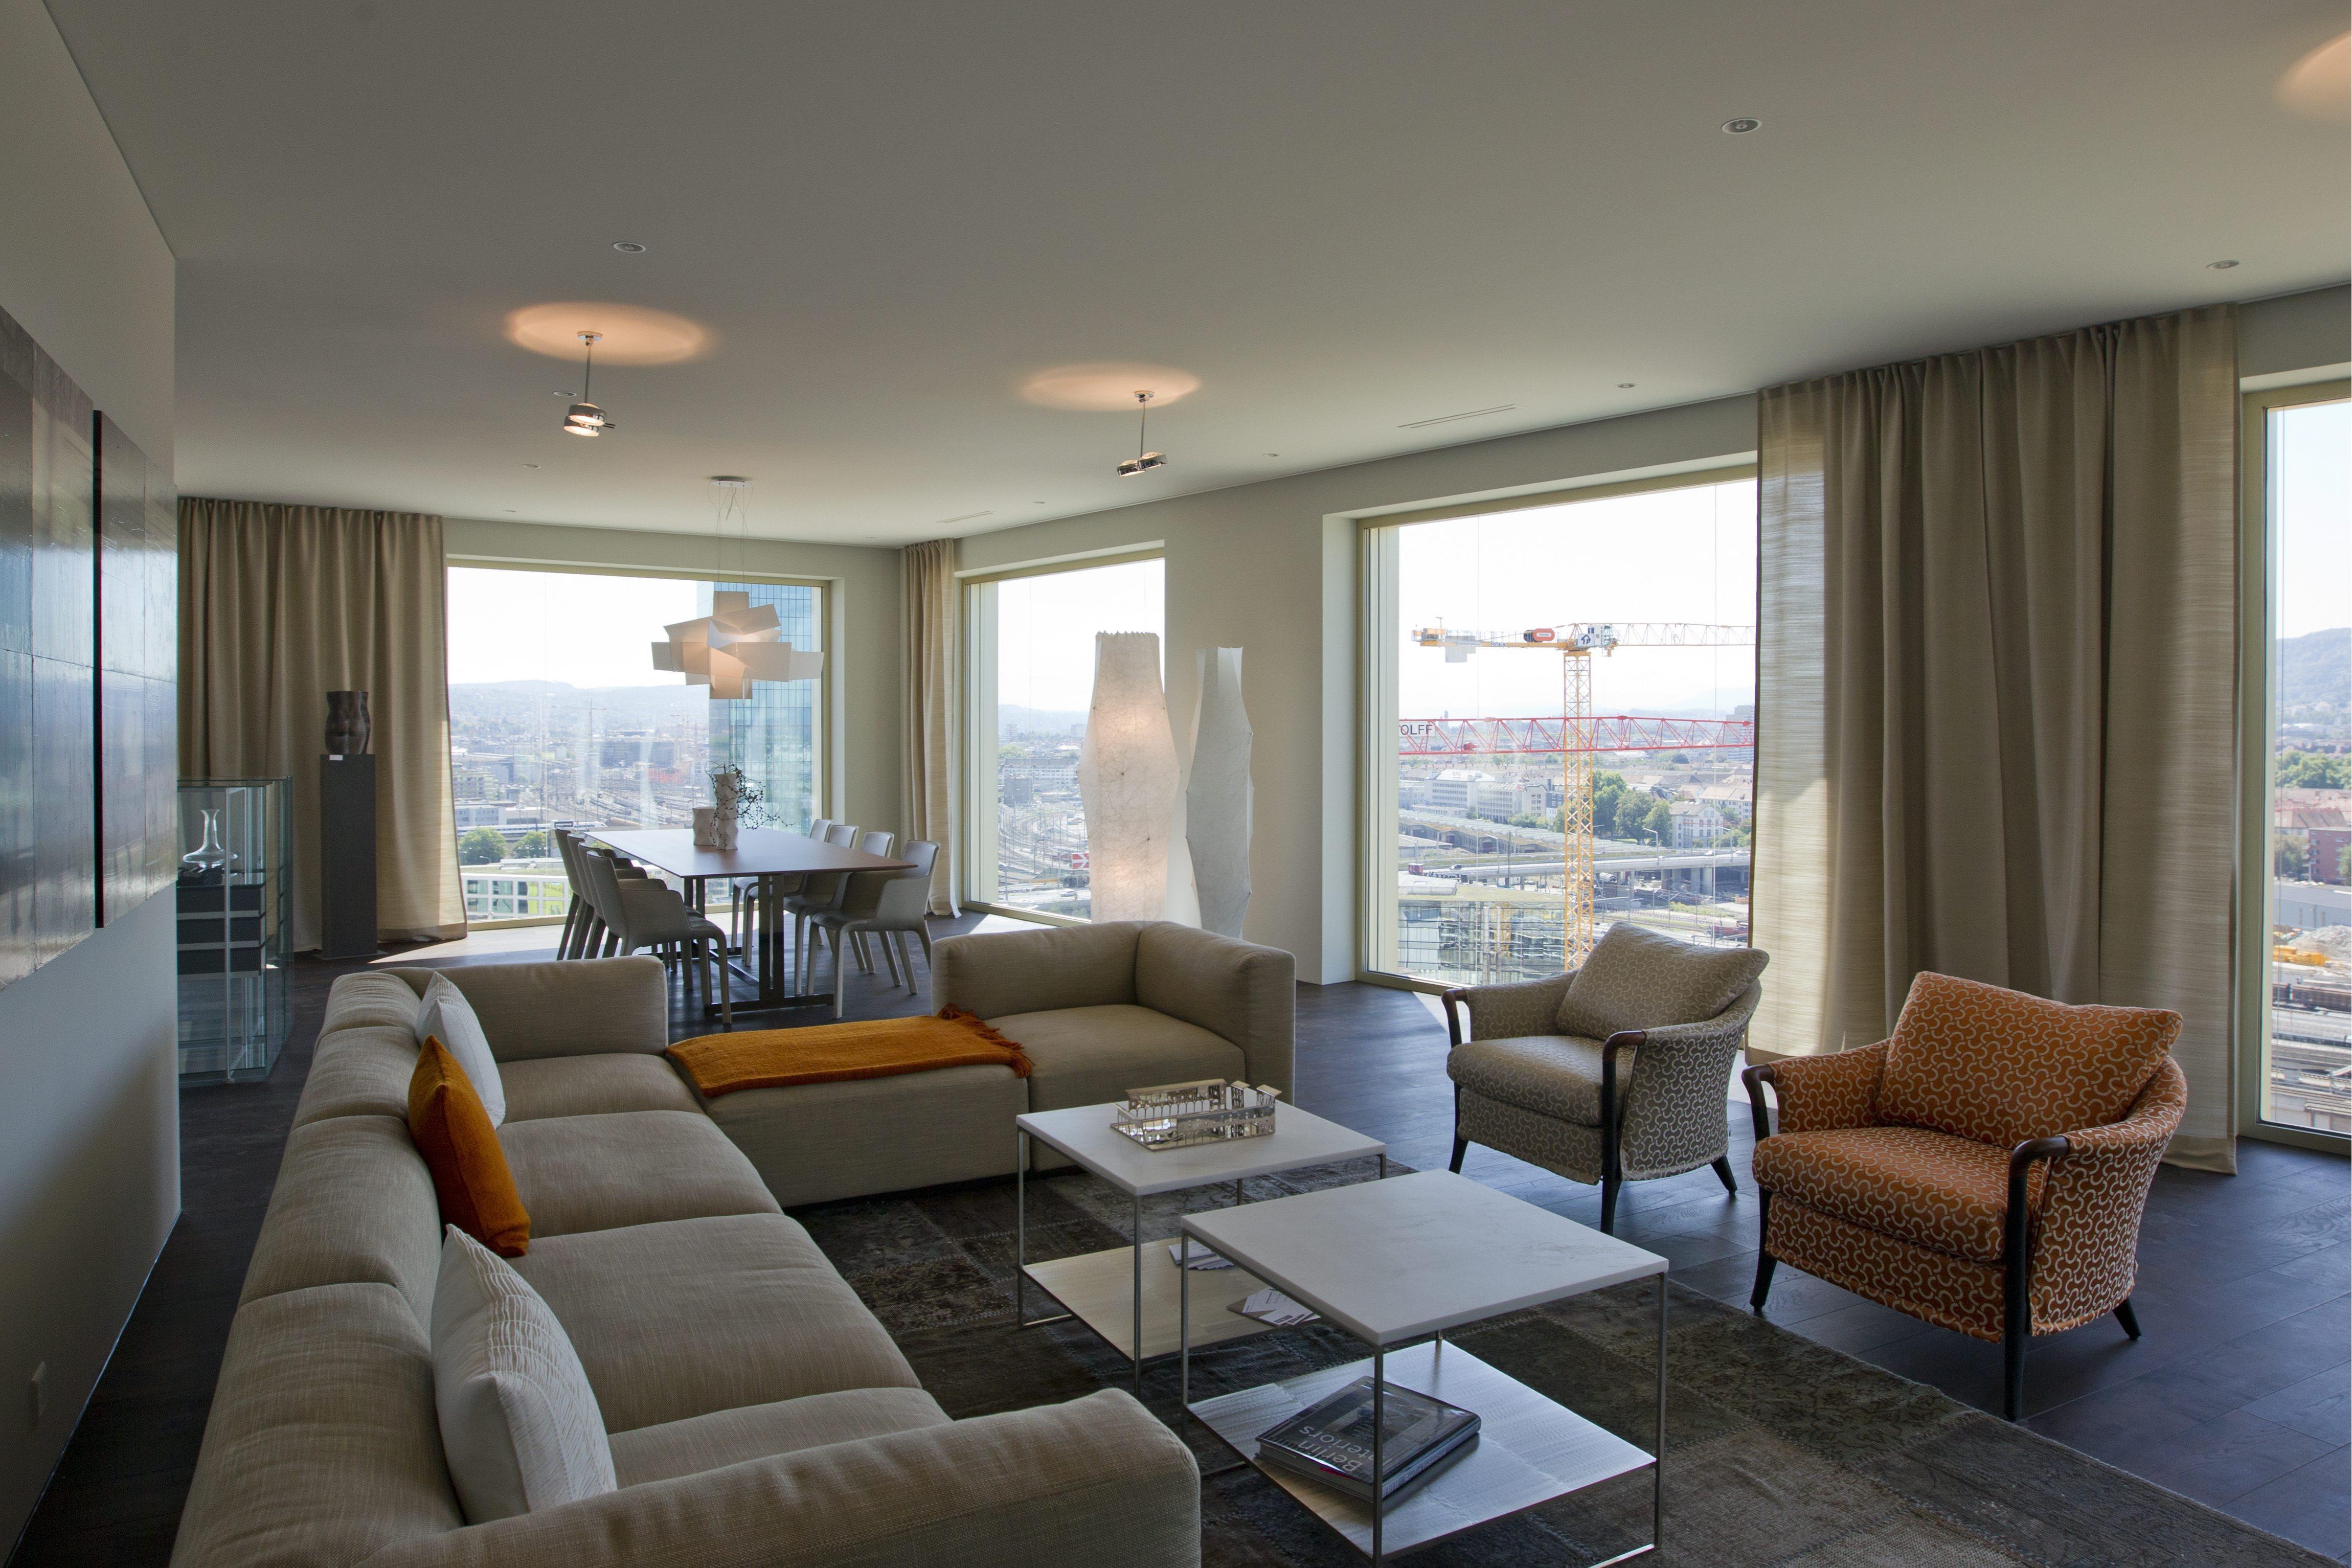 wer eine hypothek braucht soll shoppen gehen. Black Bedroom Furniture Sets. Home Design Ideas